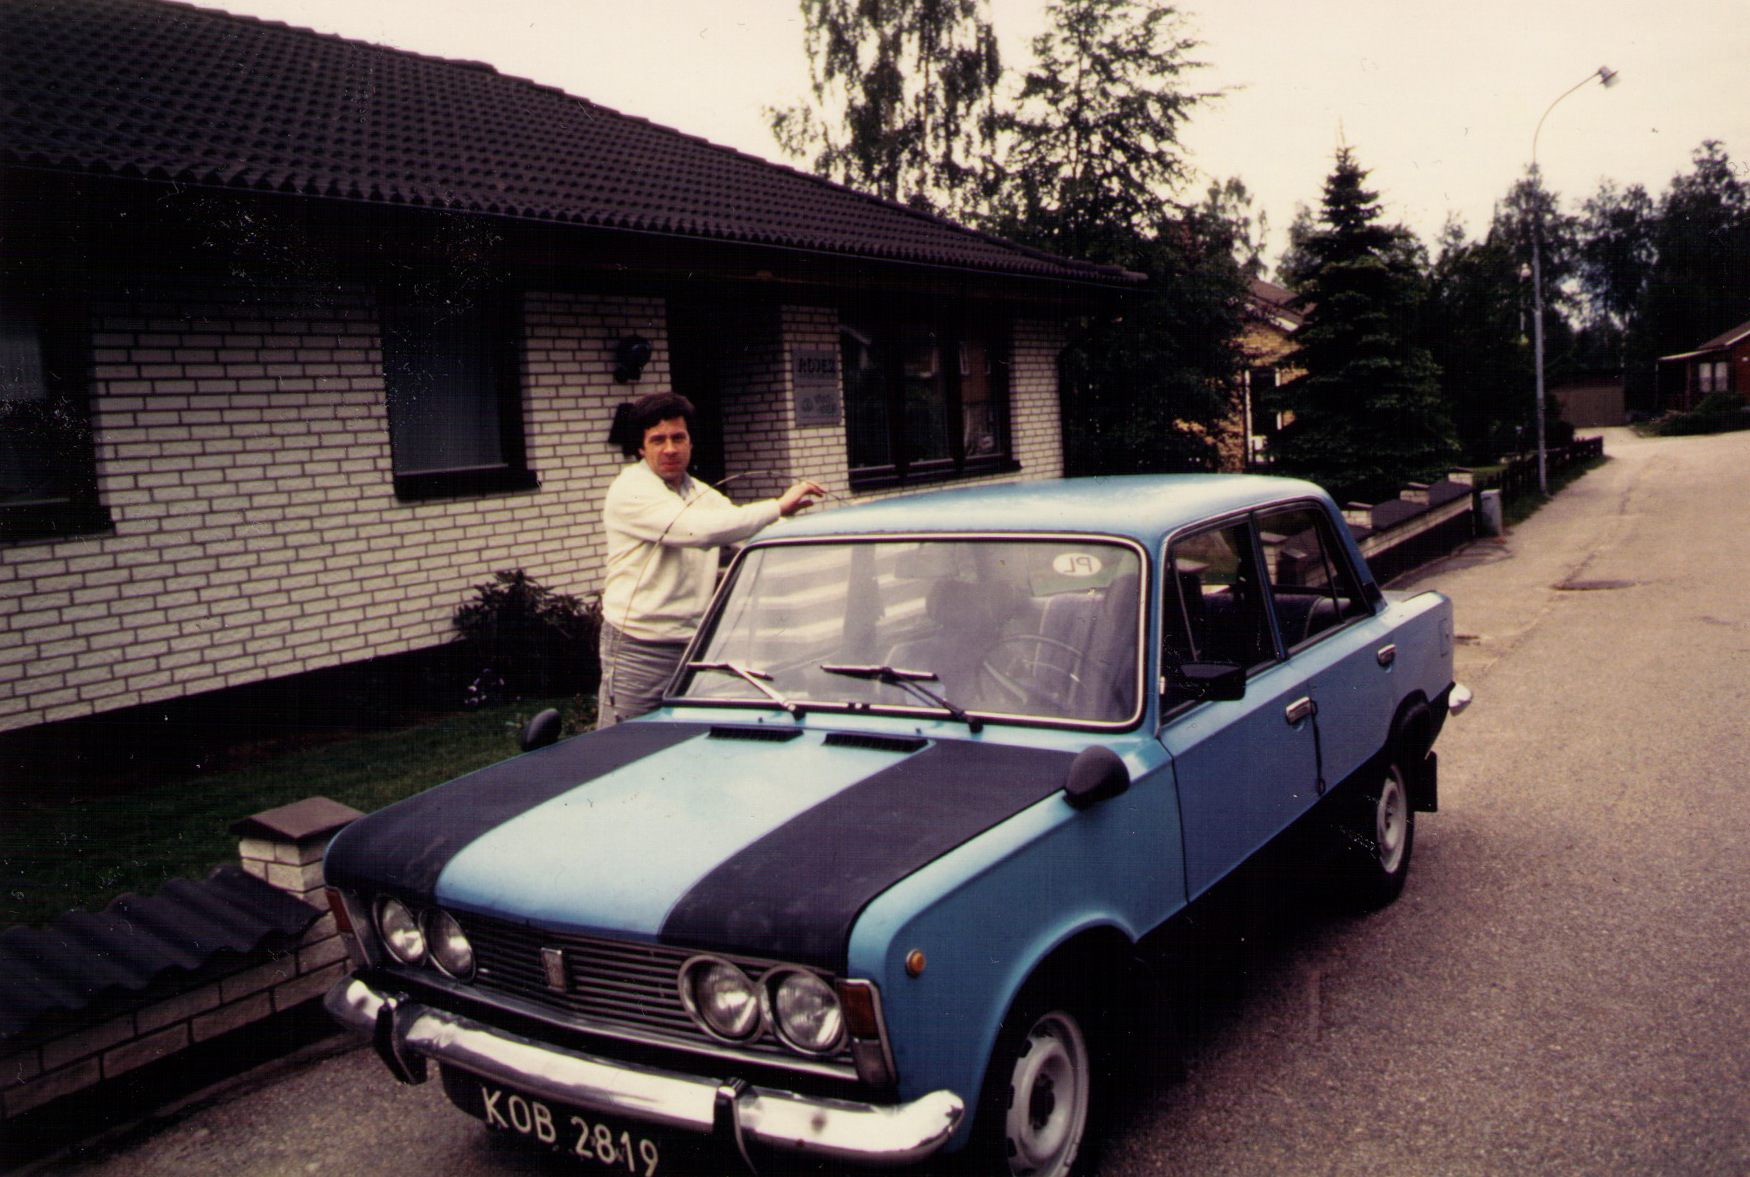 Samochodem mojego taty (zwróćcie uwagę na stylowy tuning i dodatkowe lusterka) pokonaliśmy wiele kilometrów po szwedzkich drogach.